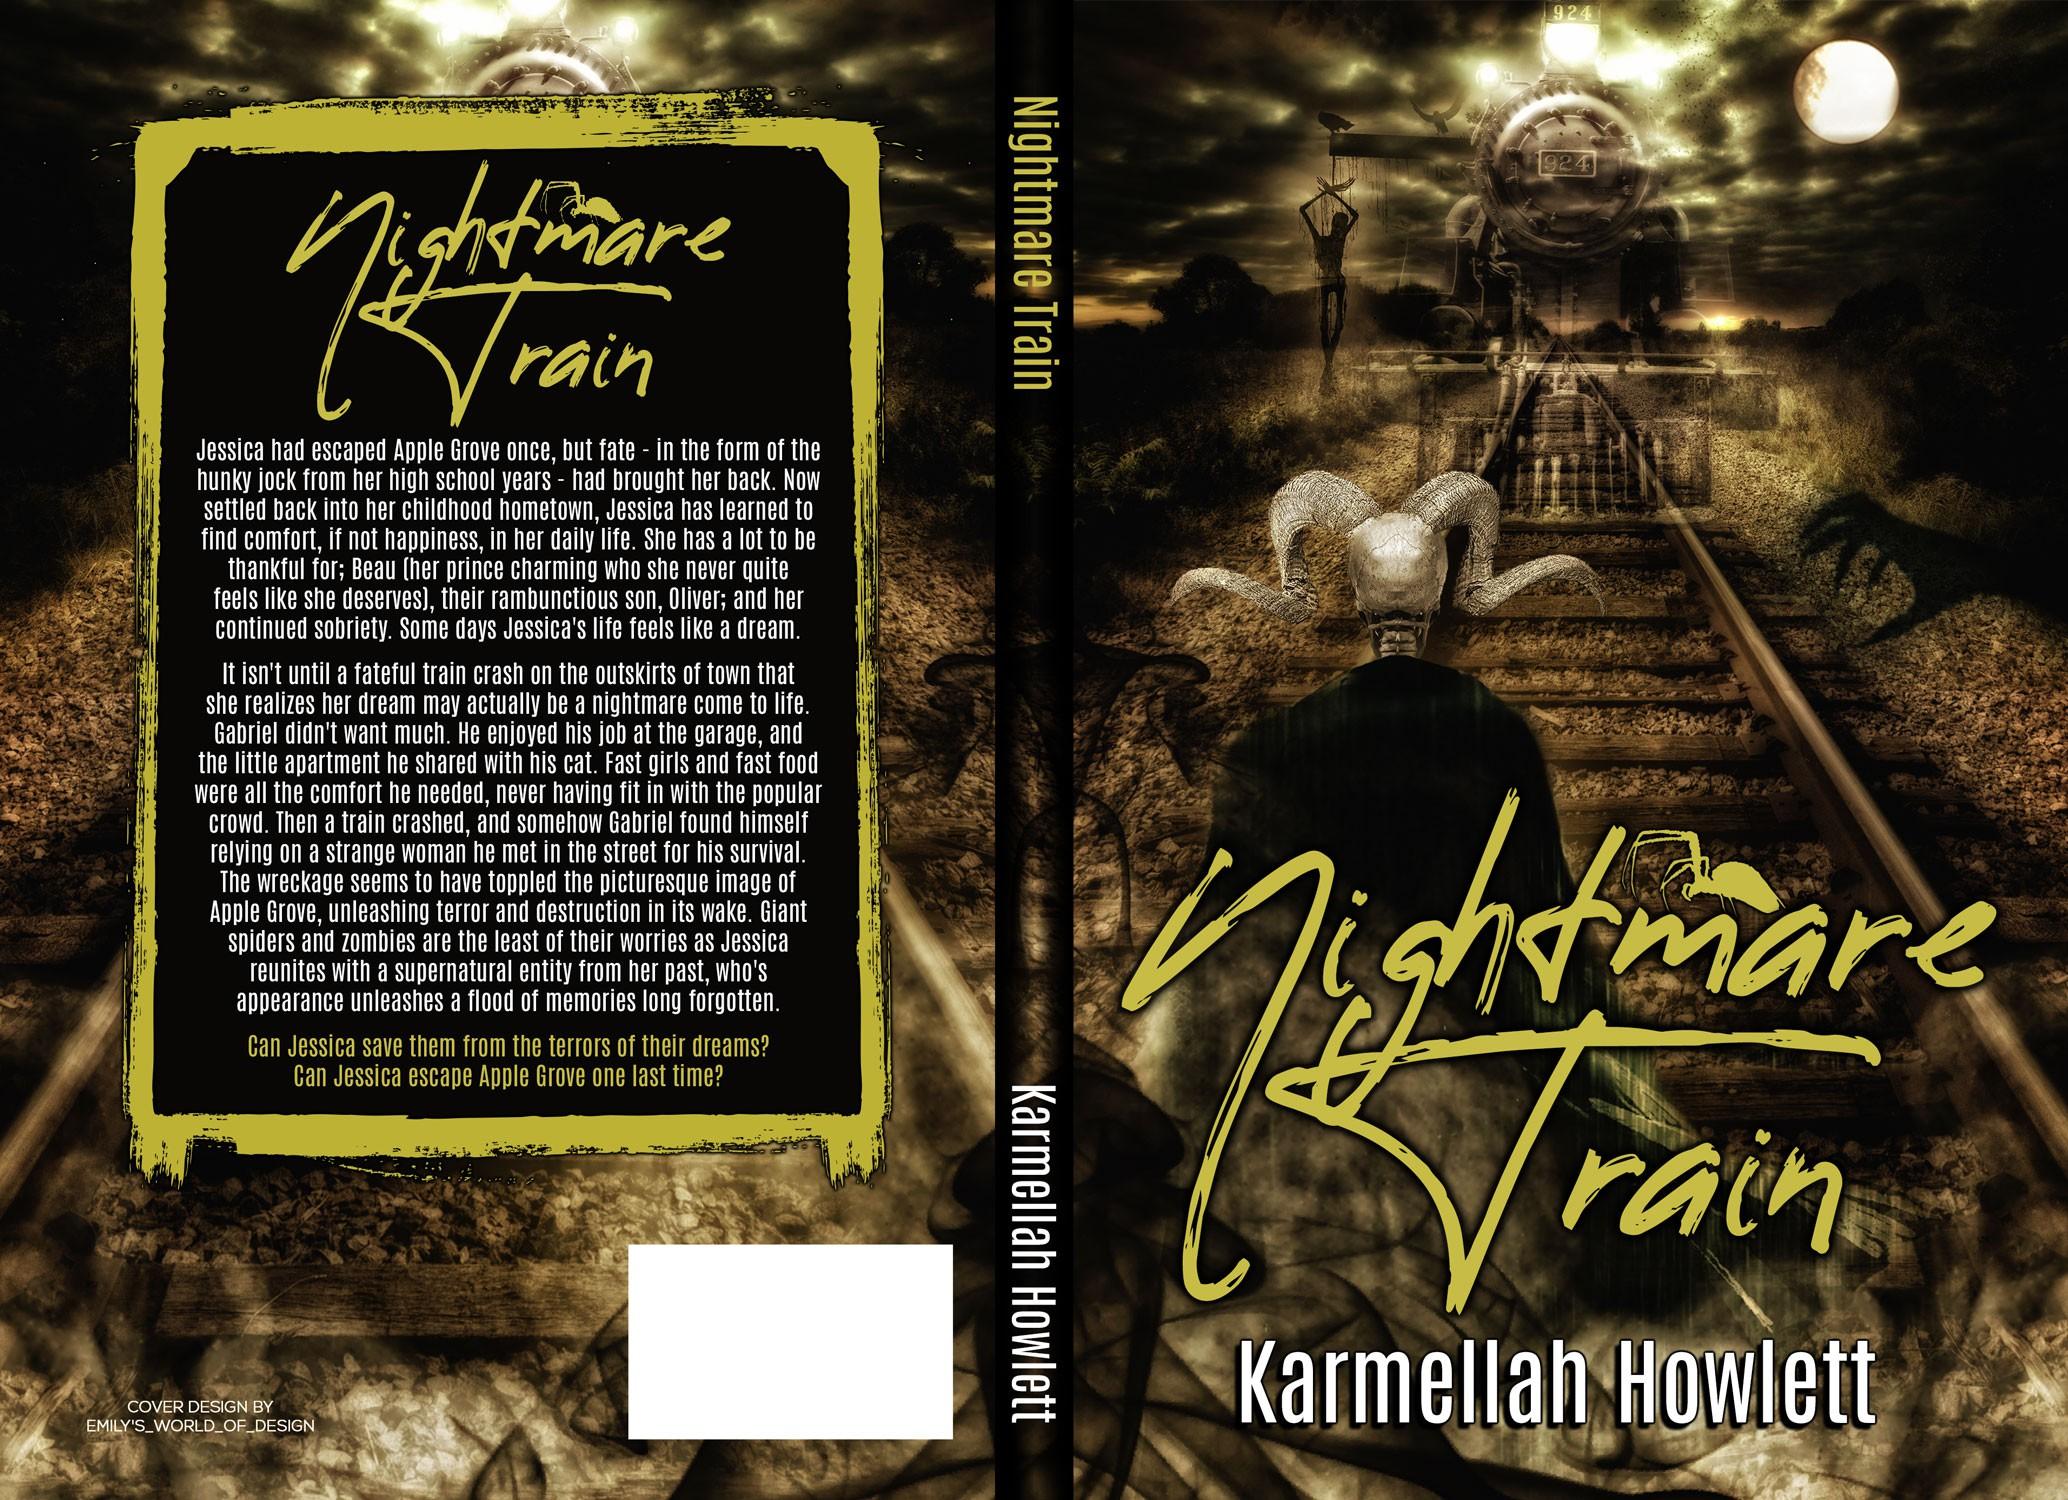 Cover for Nightmare Train by Karmellah Howlett